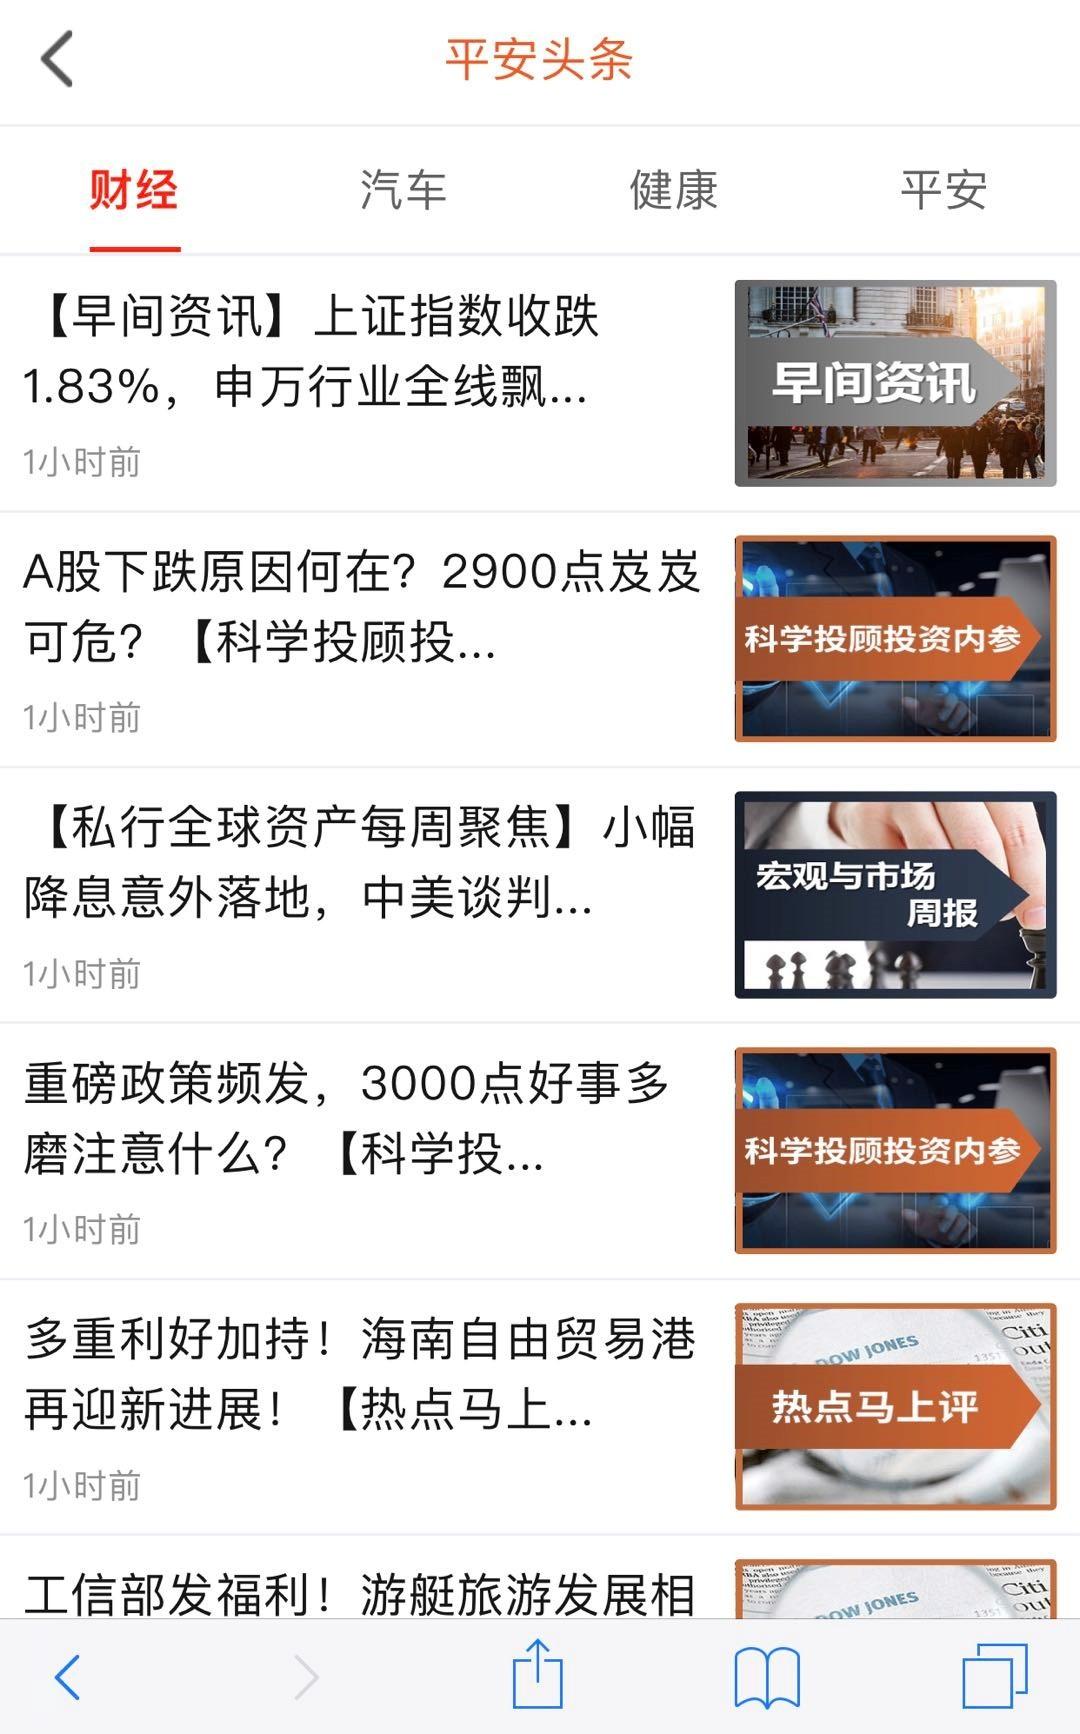 胜博发所有游戏-助推重庆建内陆国际物流枢纽 32位国际智囊来渝献智献策